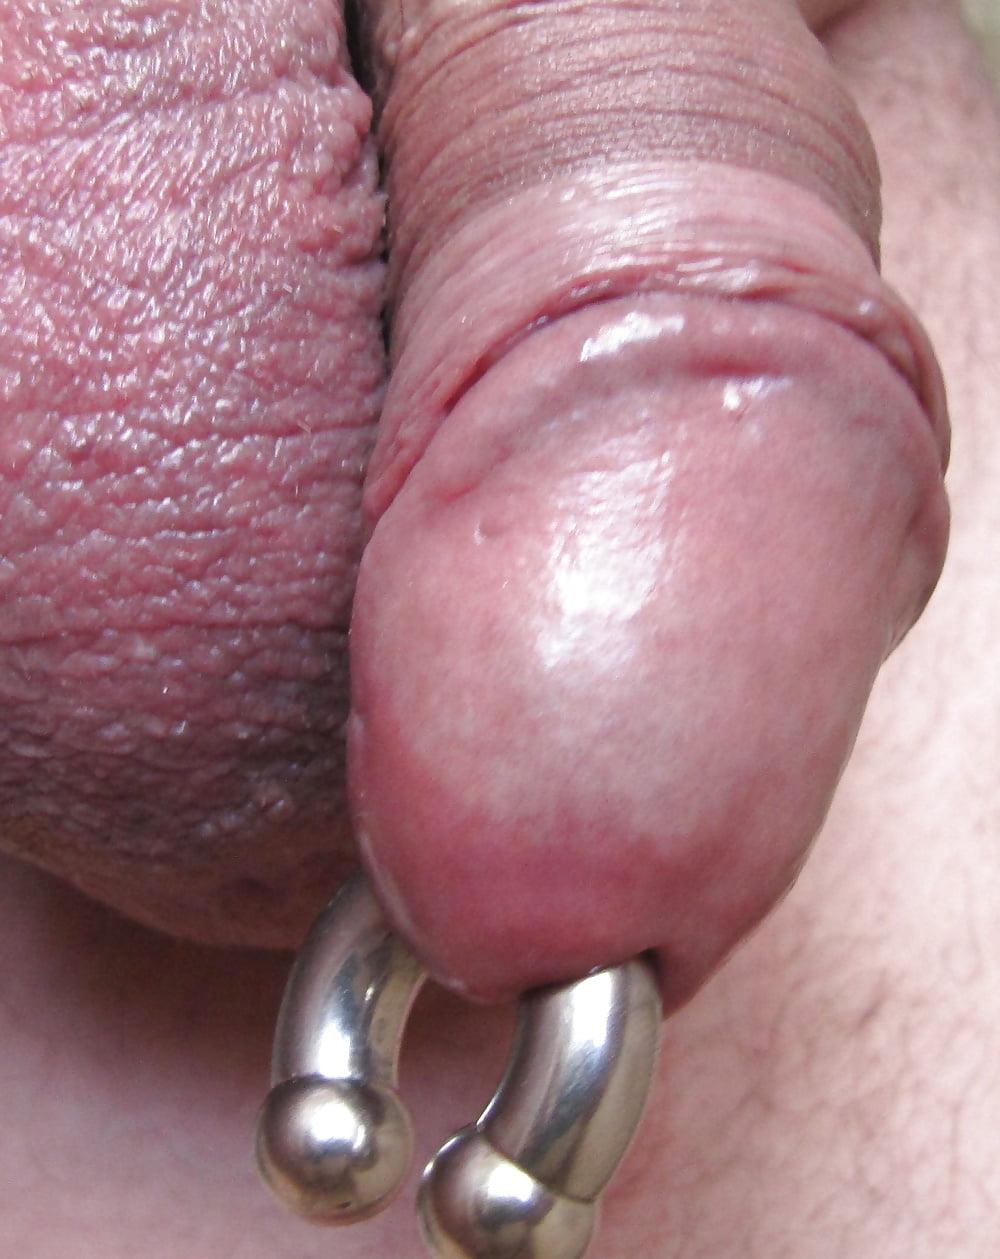 Woman sucking dick licking